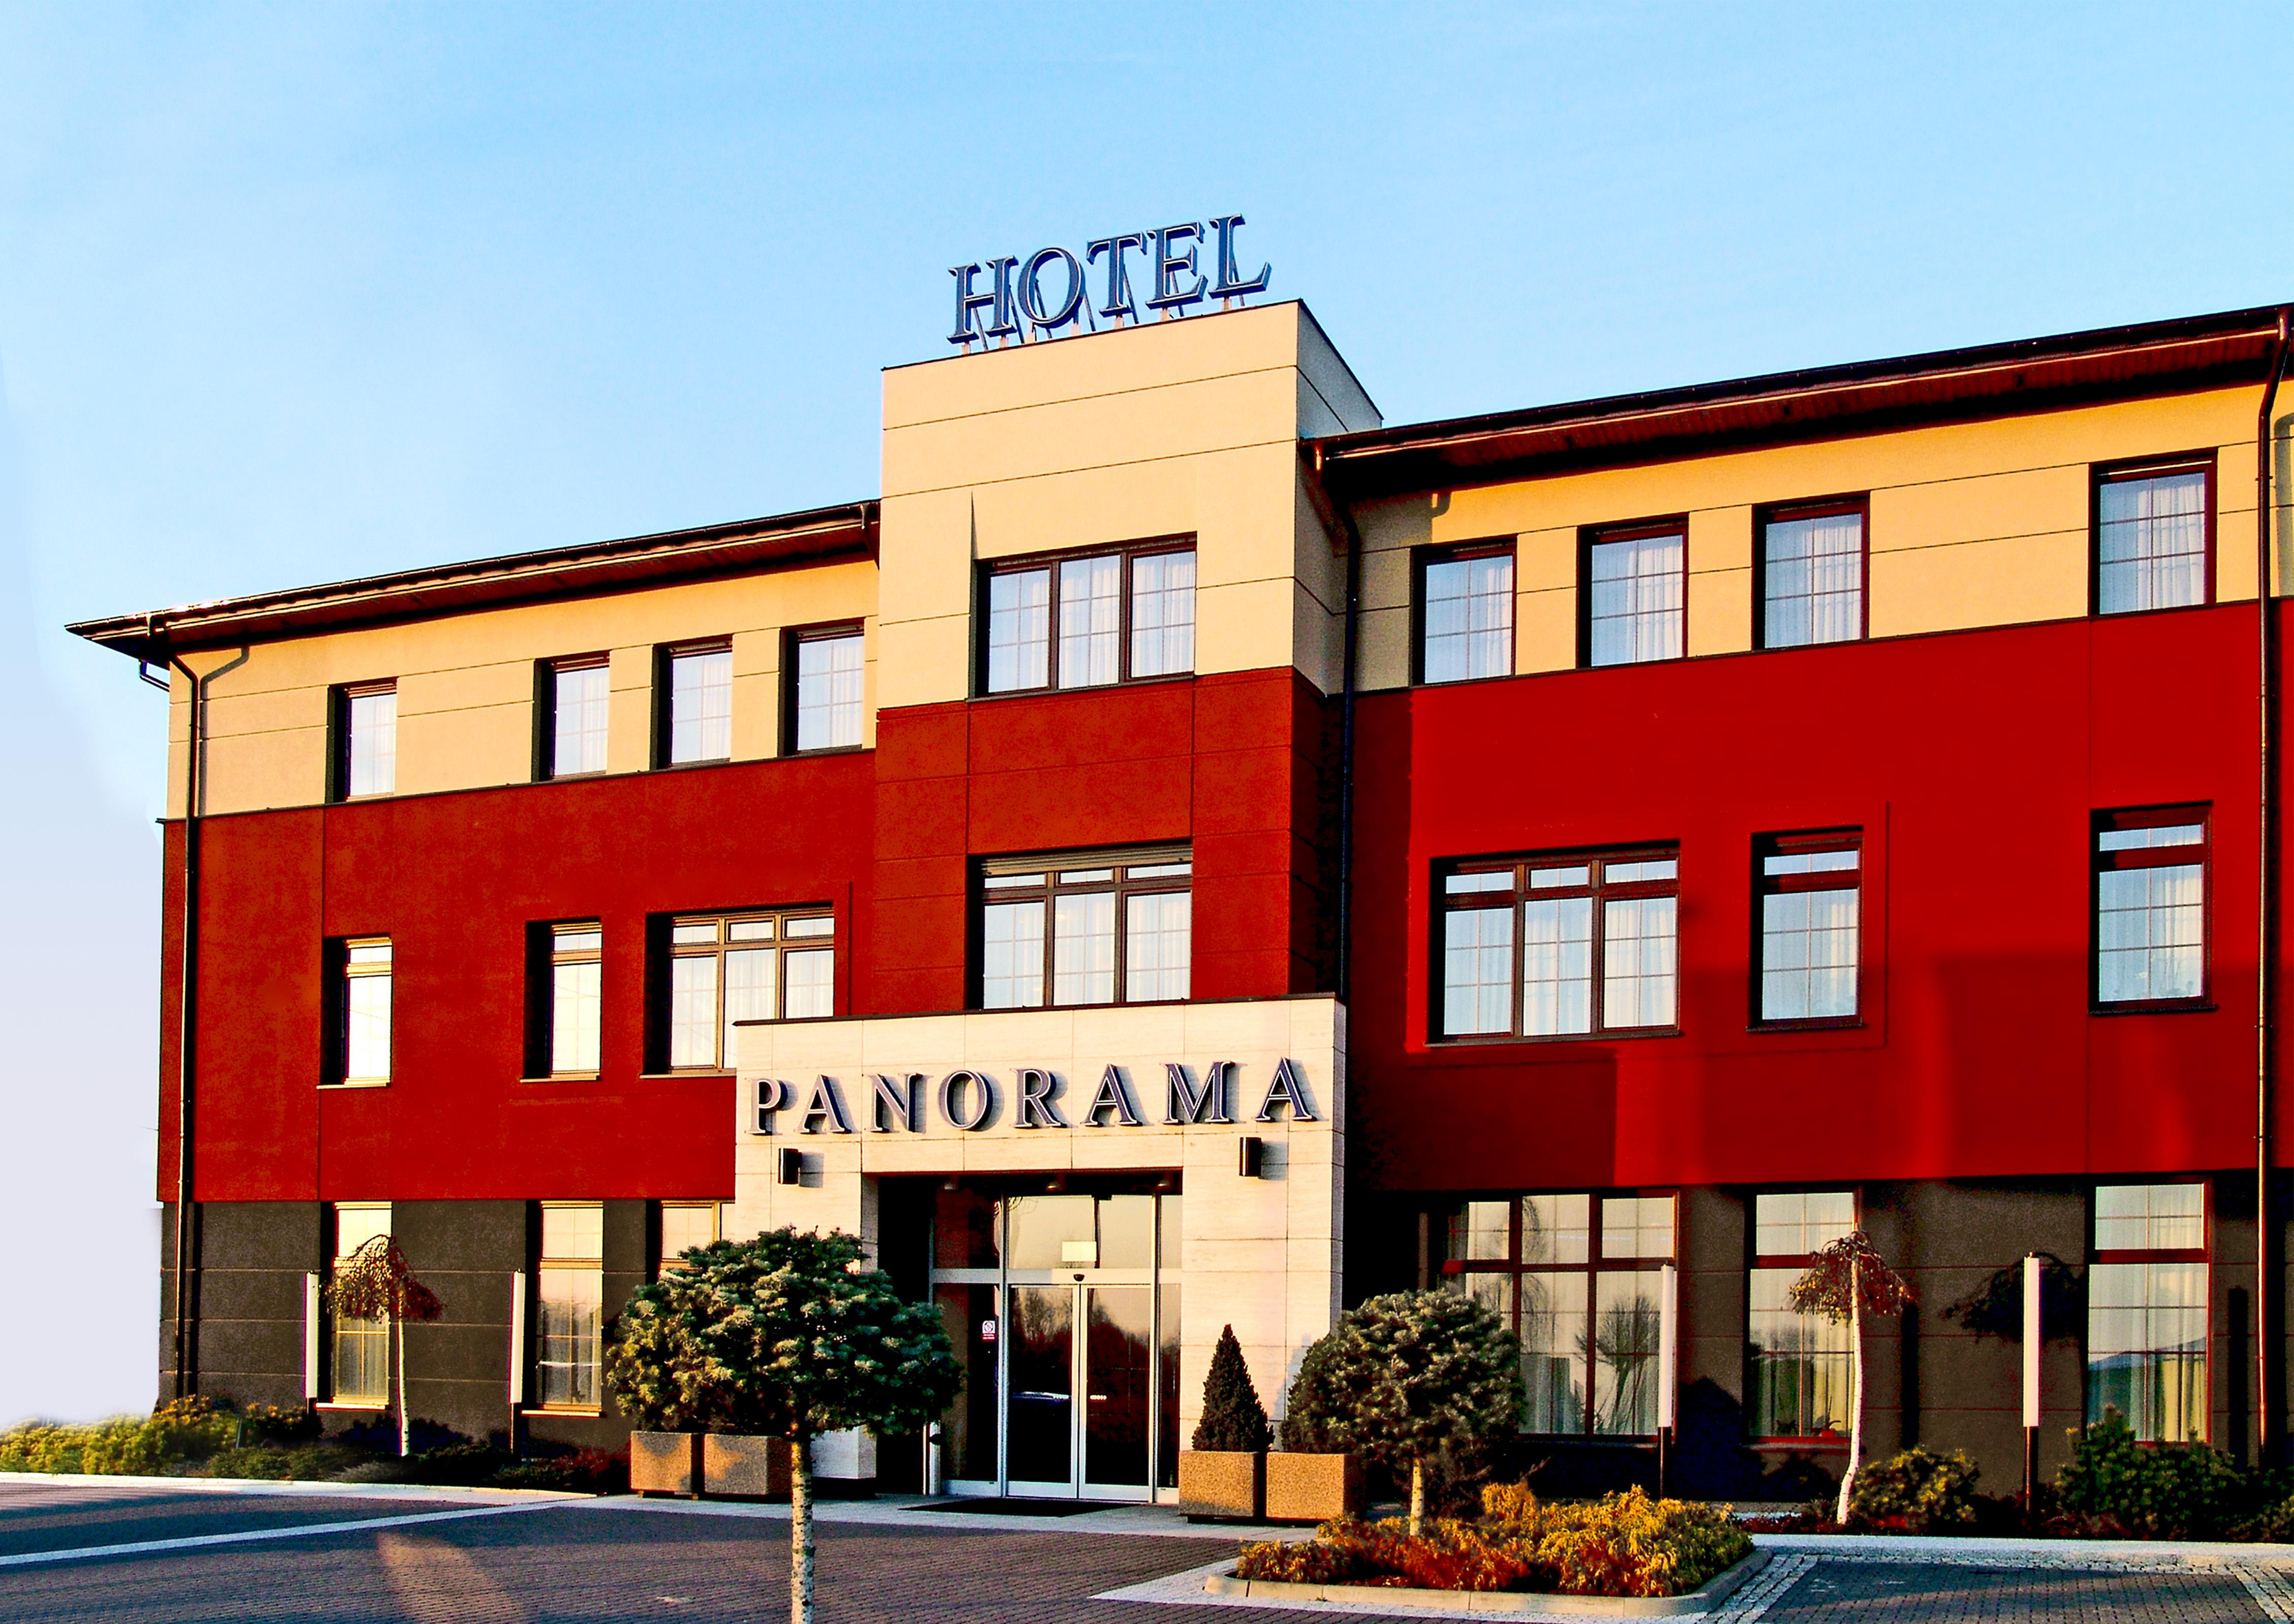 Hotel panorama sala konferencyjna mszczon w nieaktywny for Hotel panorama